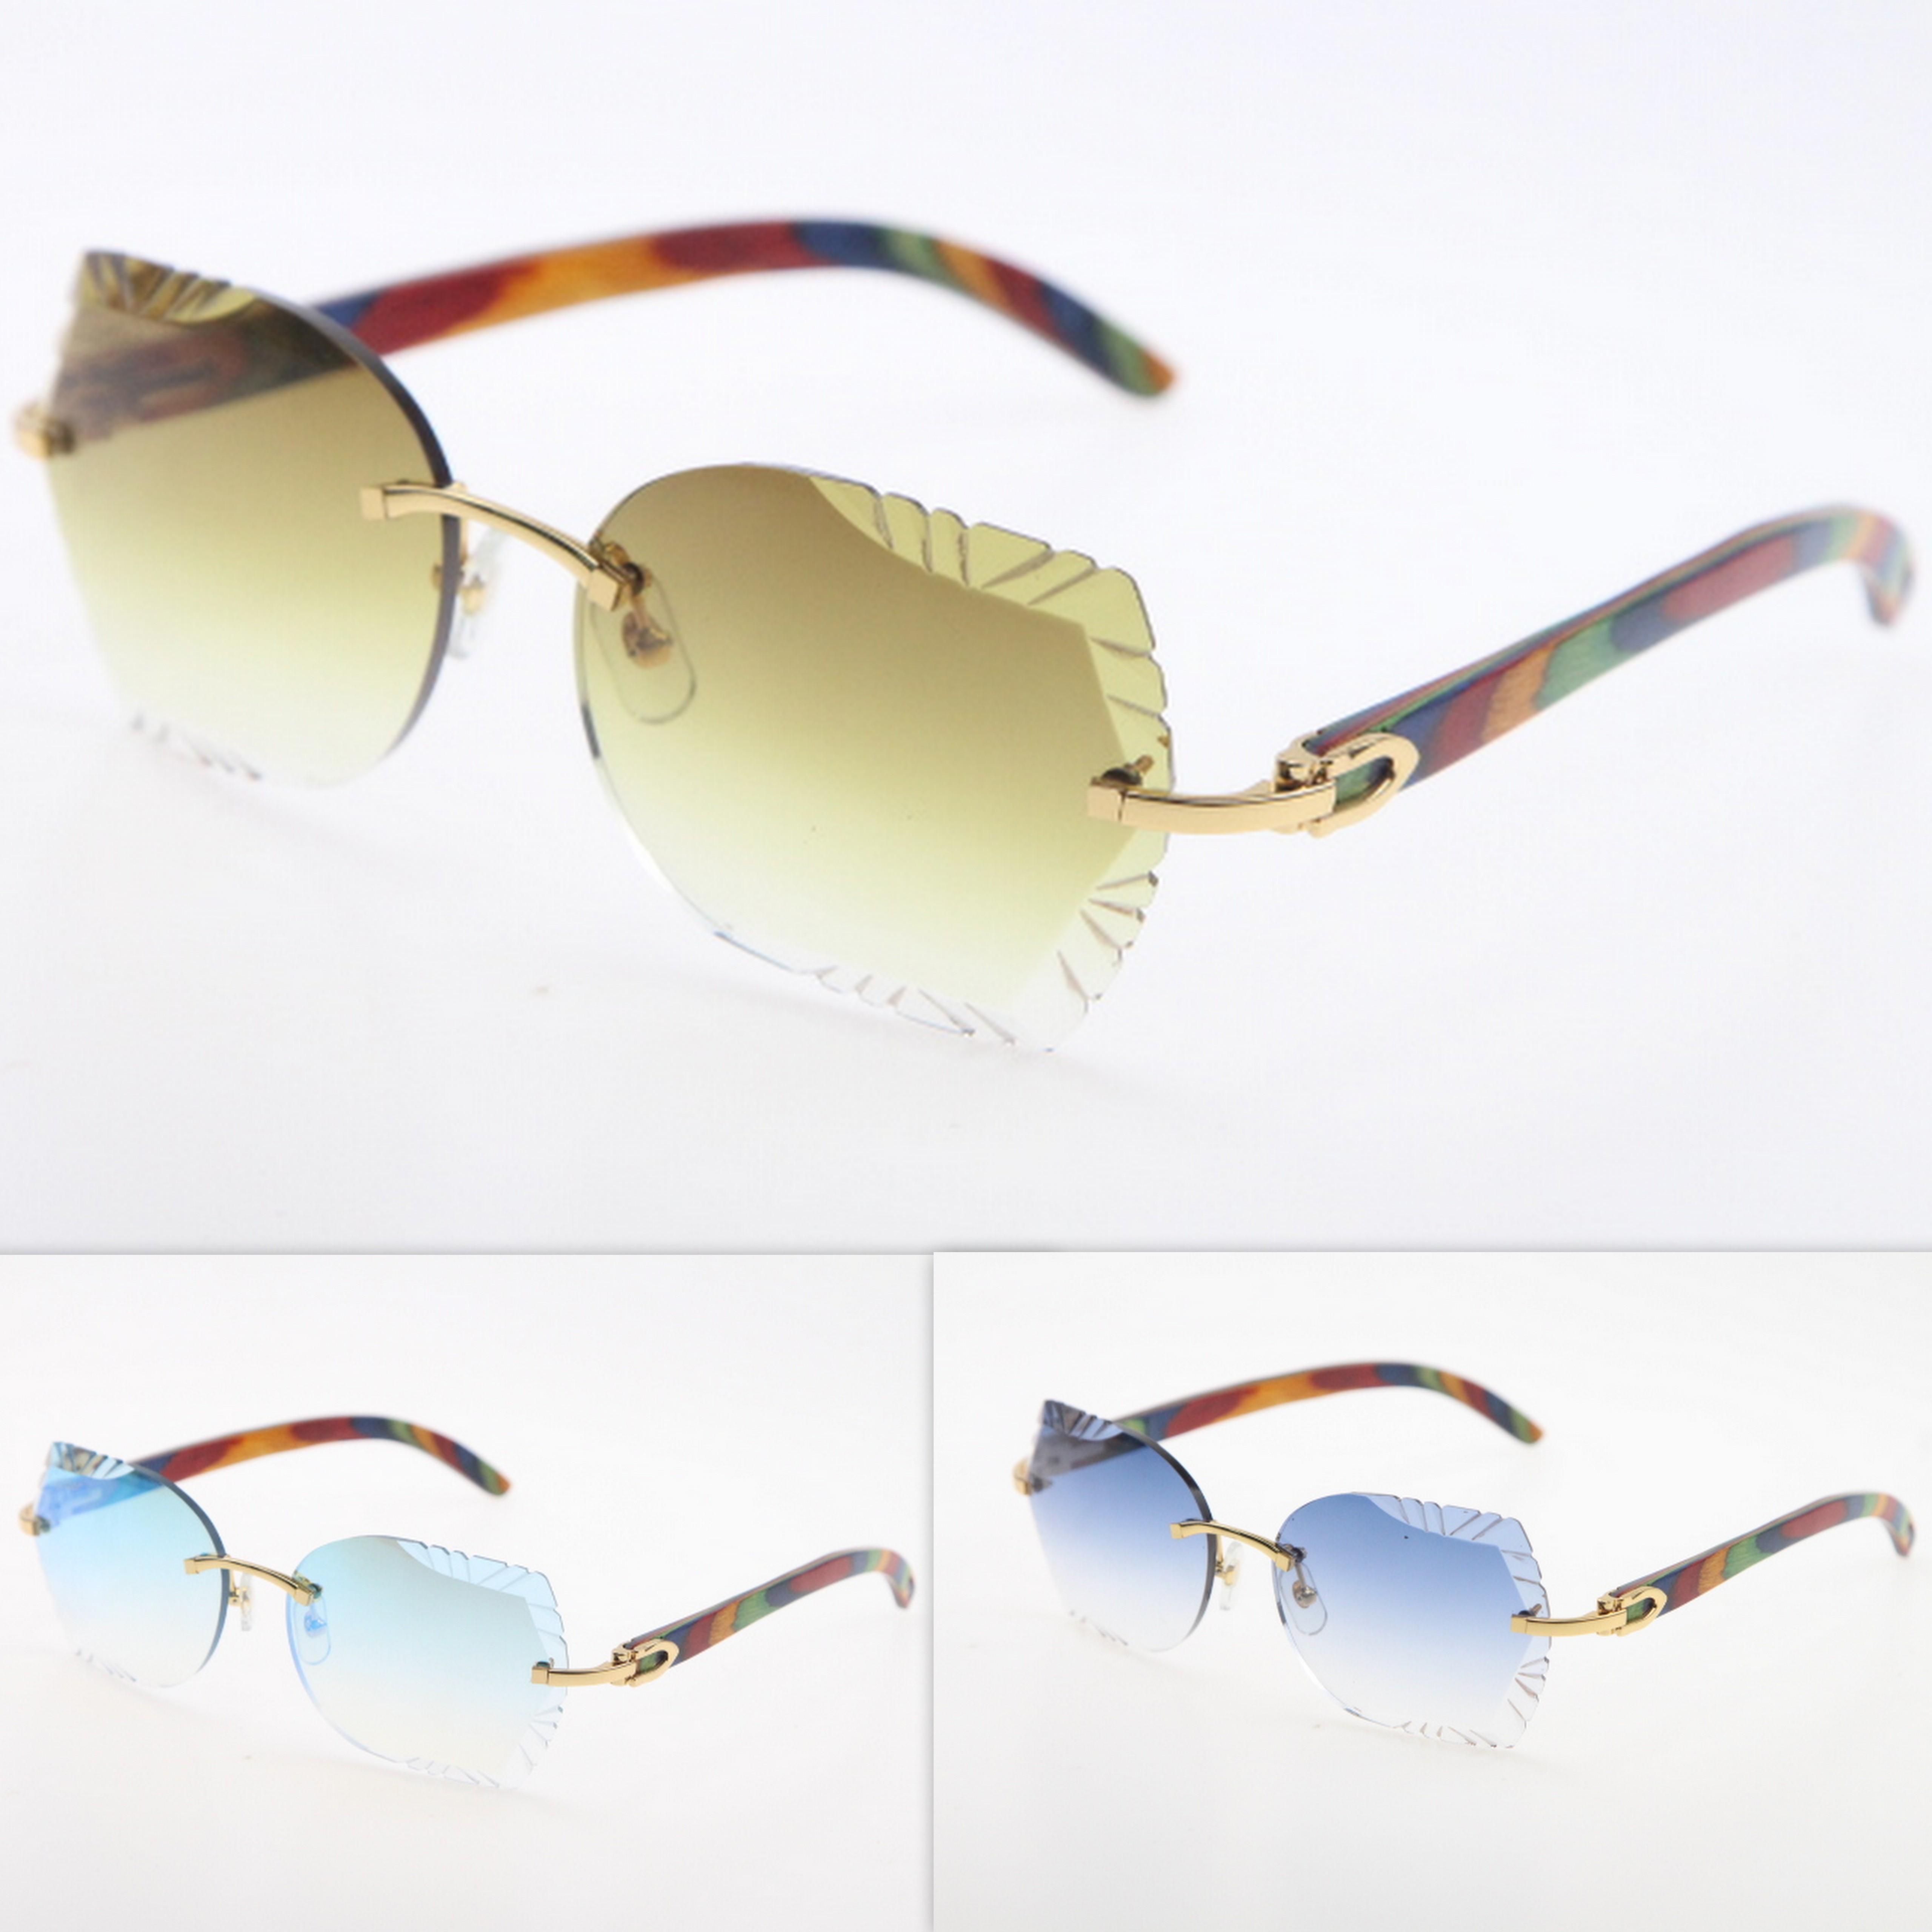 Sonnenbrille geschnitzt Randlose heiße Brillen Sonnenbrille Linse Pfau Holz Randlose Linse Katze Neue Trimmgläser Sonnenbrille Unisex Triangl Xelbk